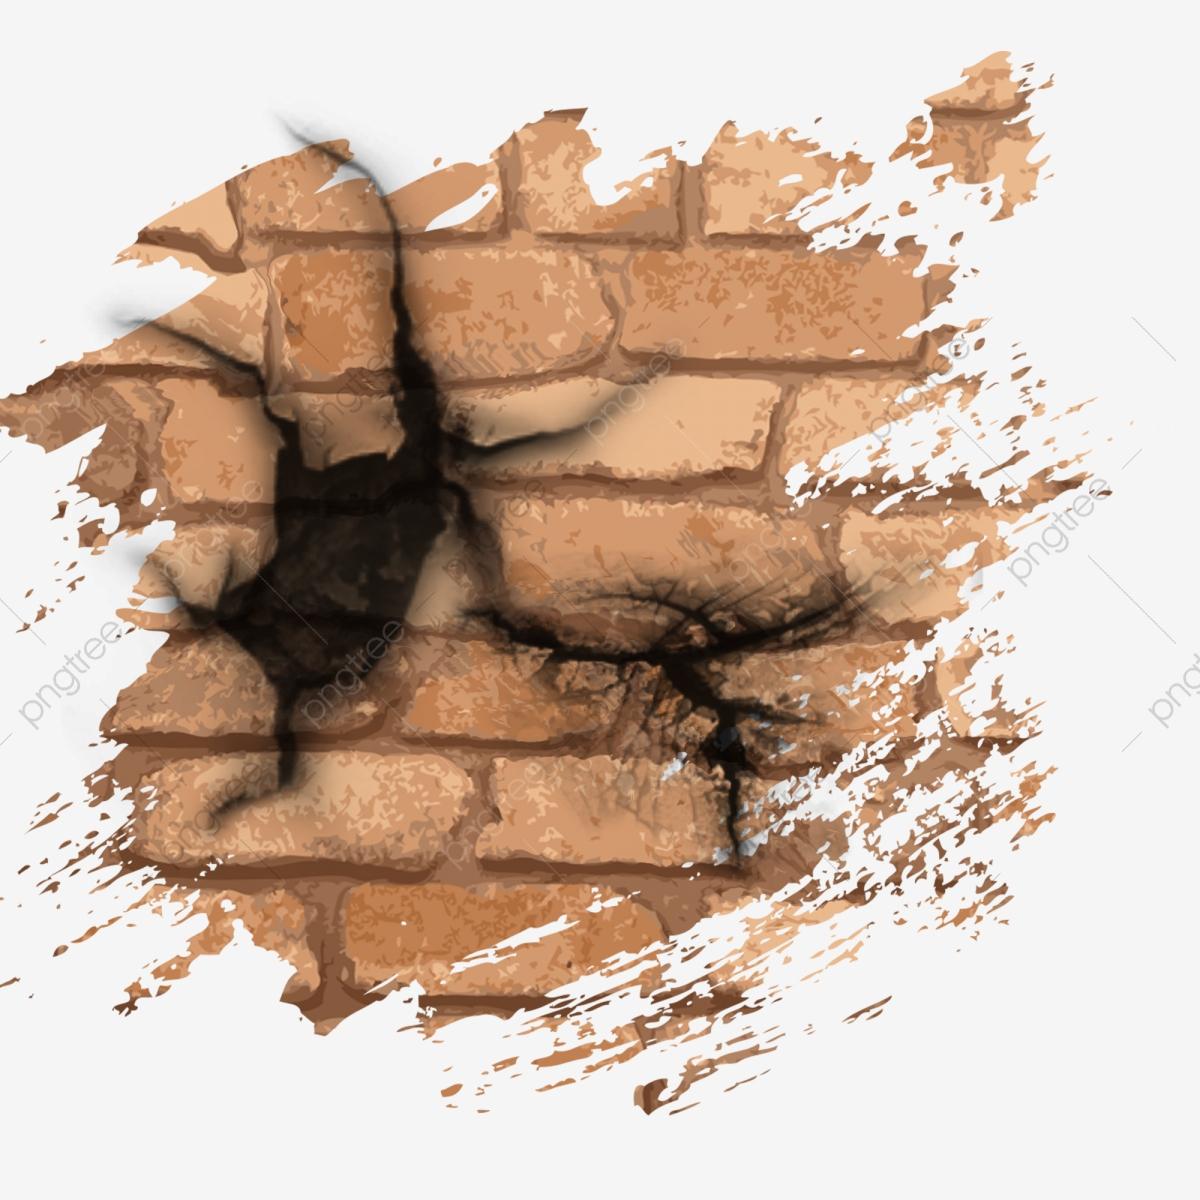 Mur De Brique Rupture Mur Effet, Cassé, Fissure, Mur Fichier destiné Casse Brick